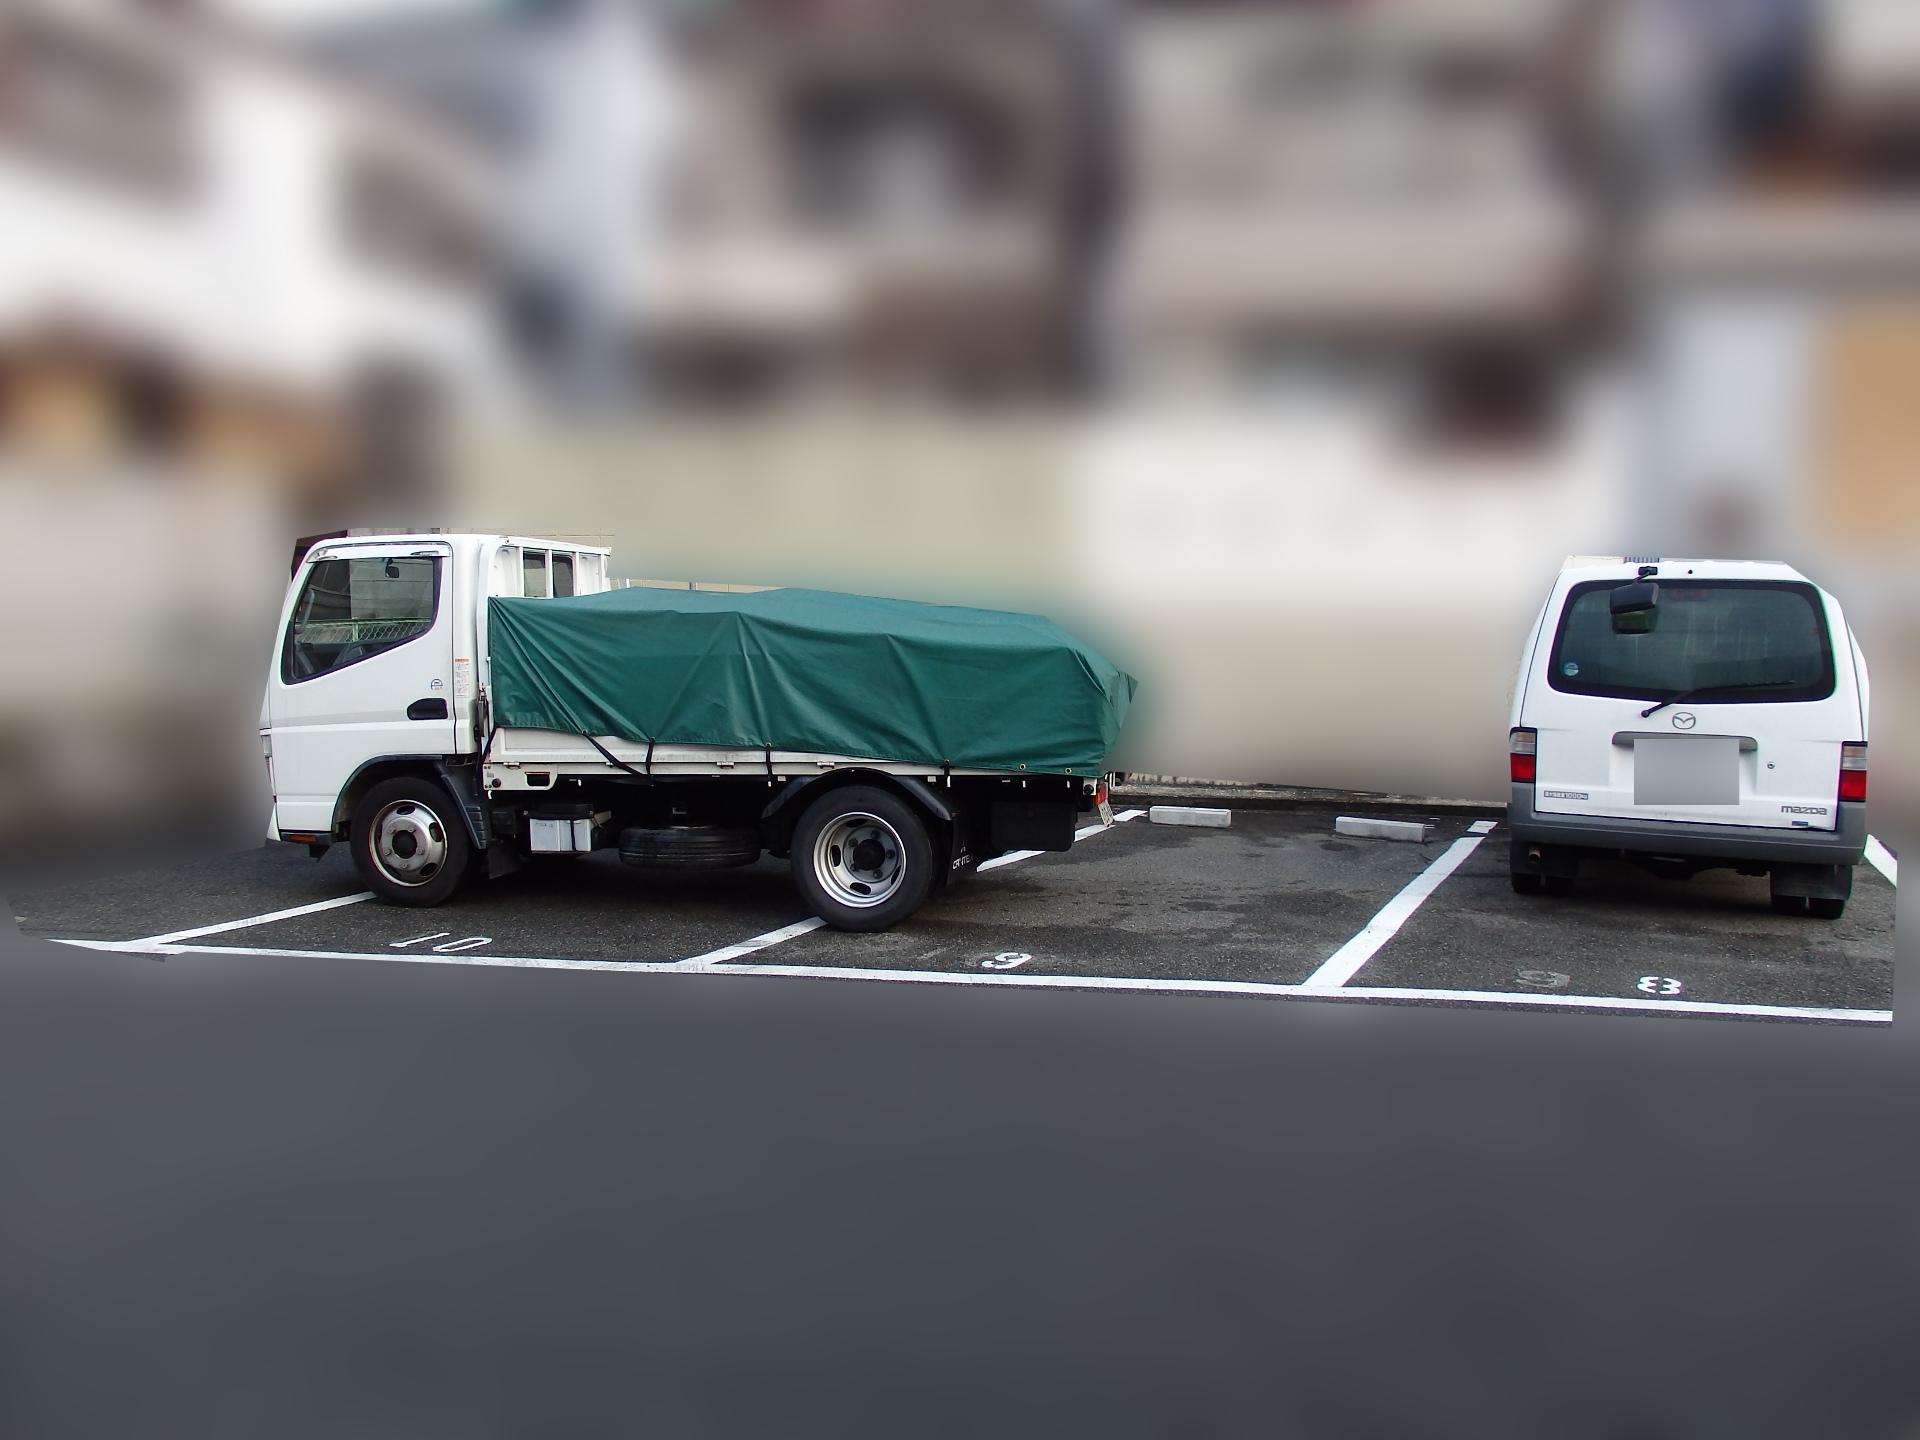 トラックをレーンに串刺し駐車。